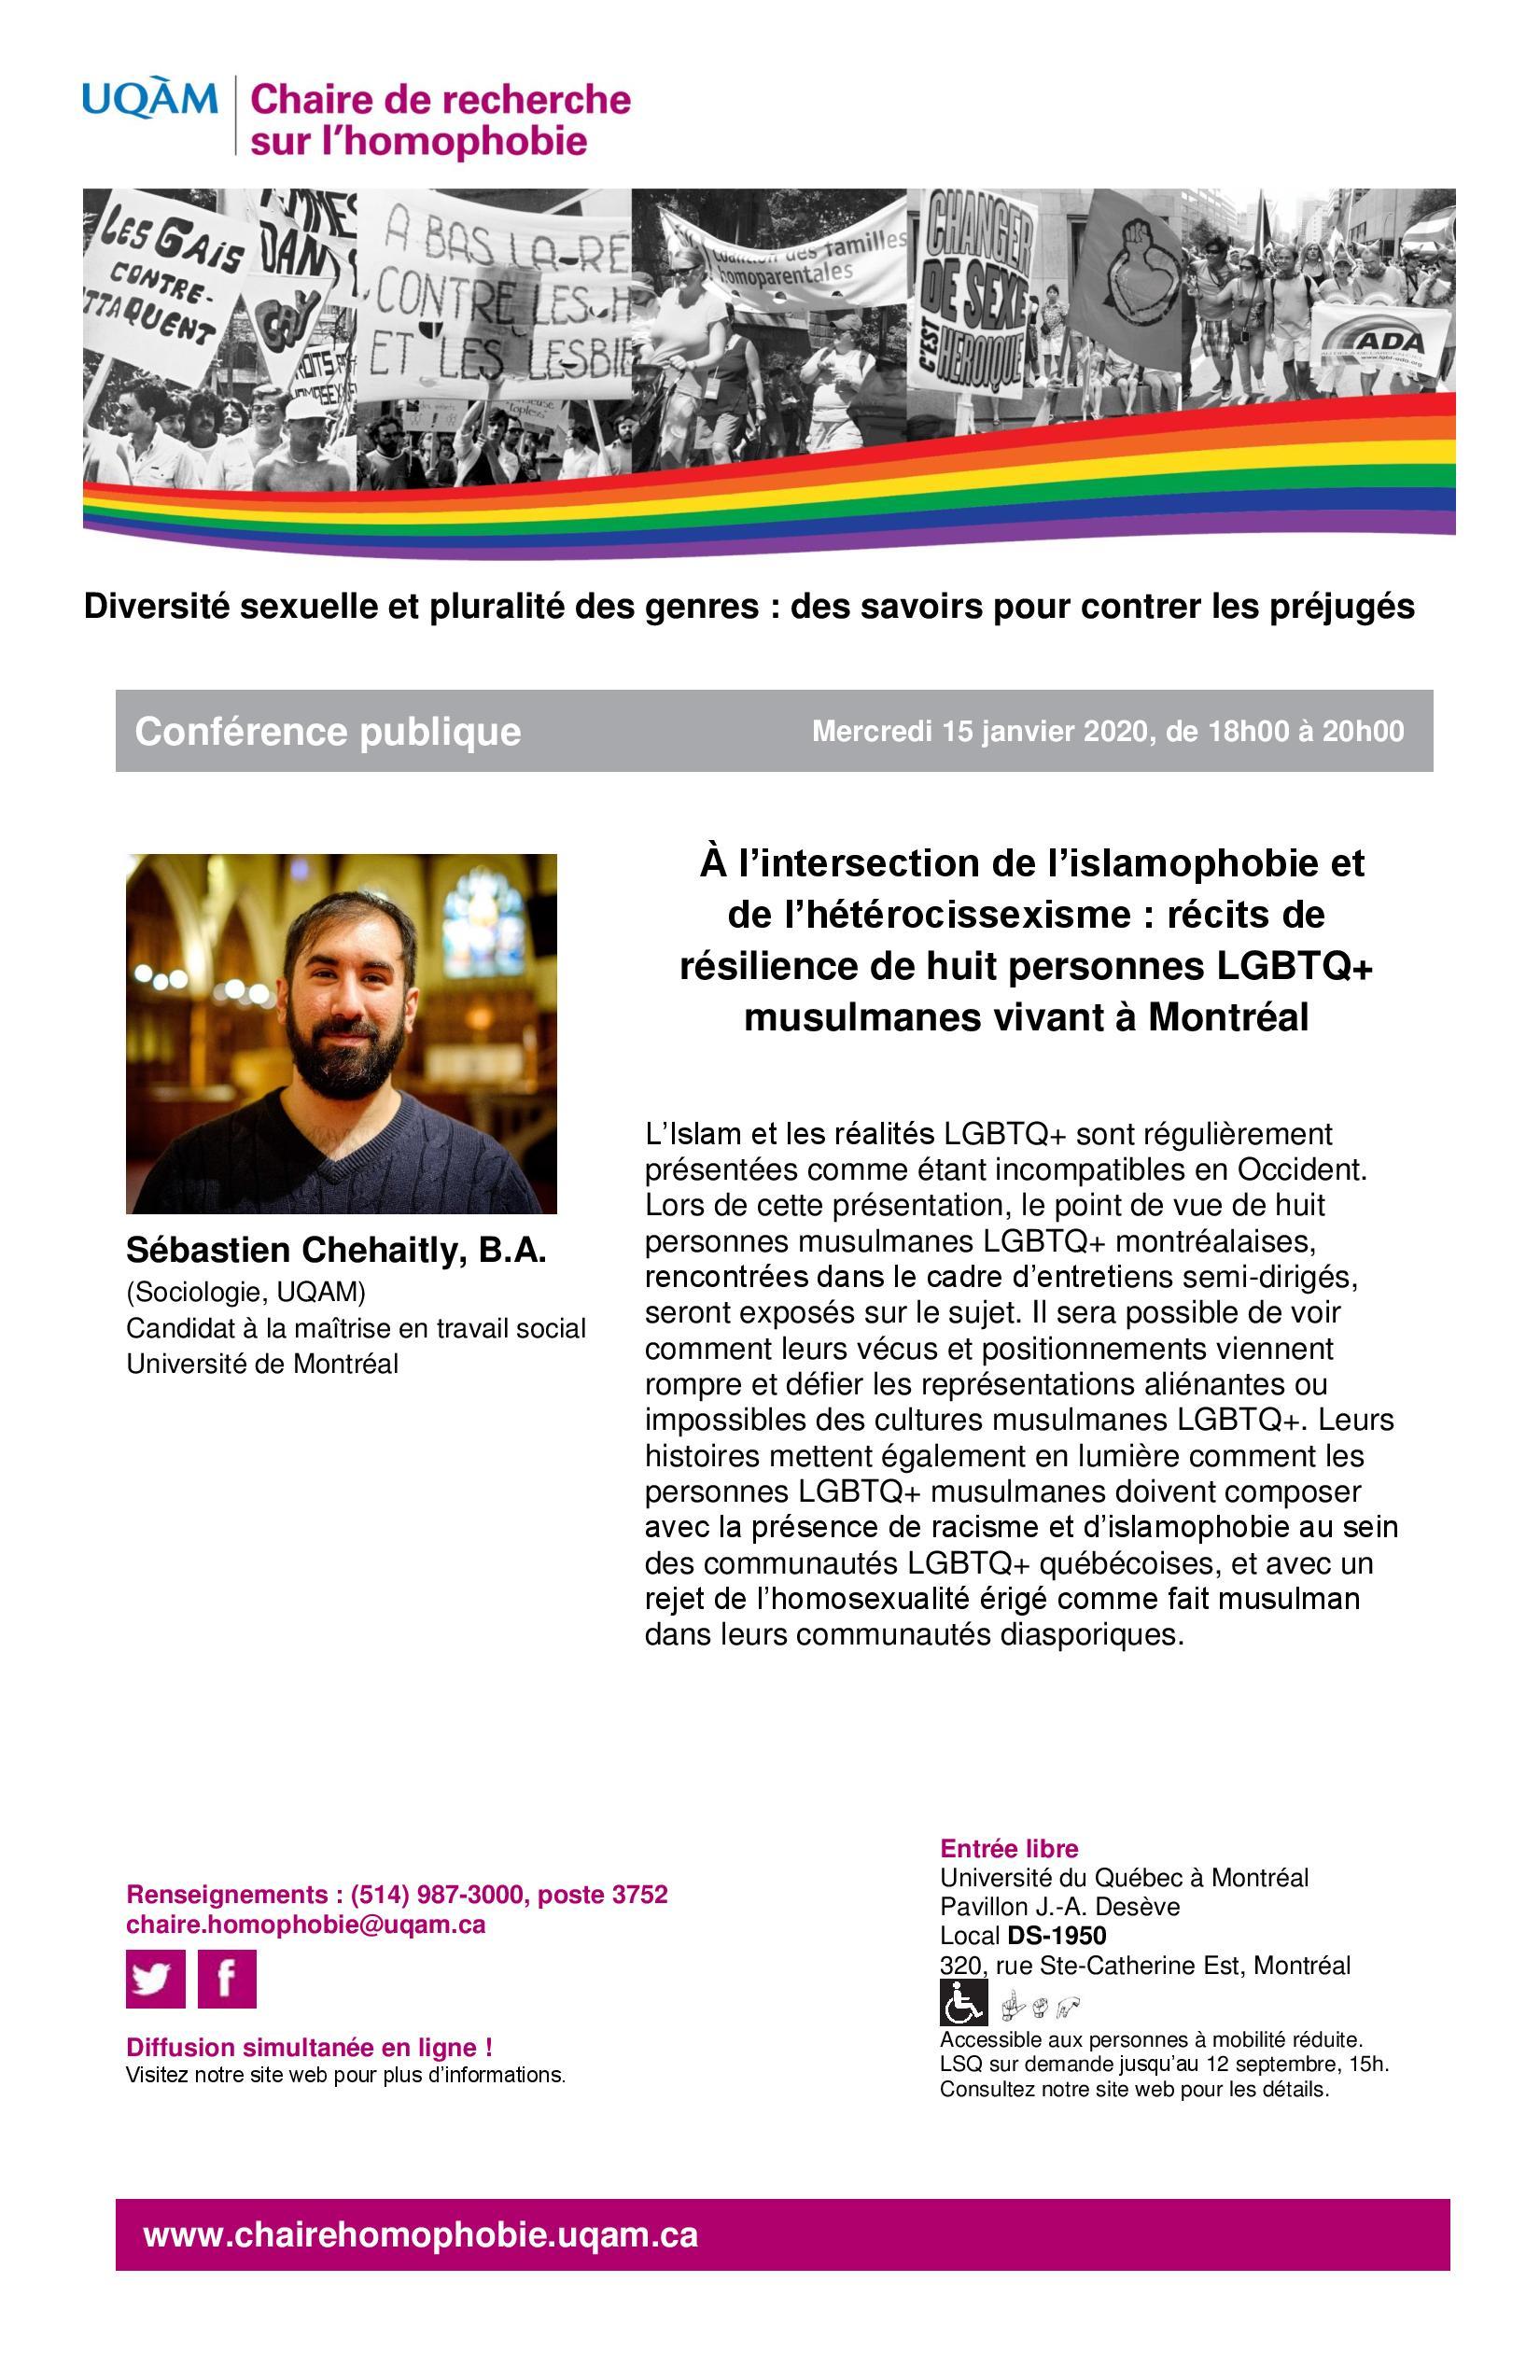 CONFÉRENCE PUBLIQUE | « À l'intersection de l'islamophobie et de l'hétérocissexisme : récits de résilience de huit personnes LGBTQ+ musulmanes vivant à Montréal »